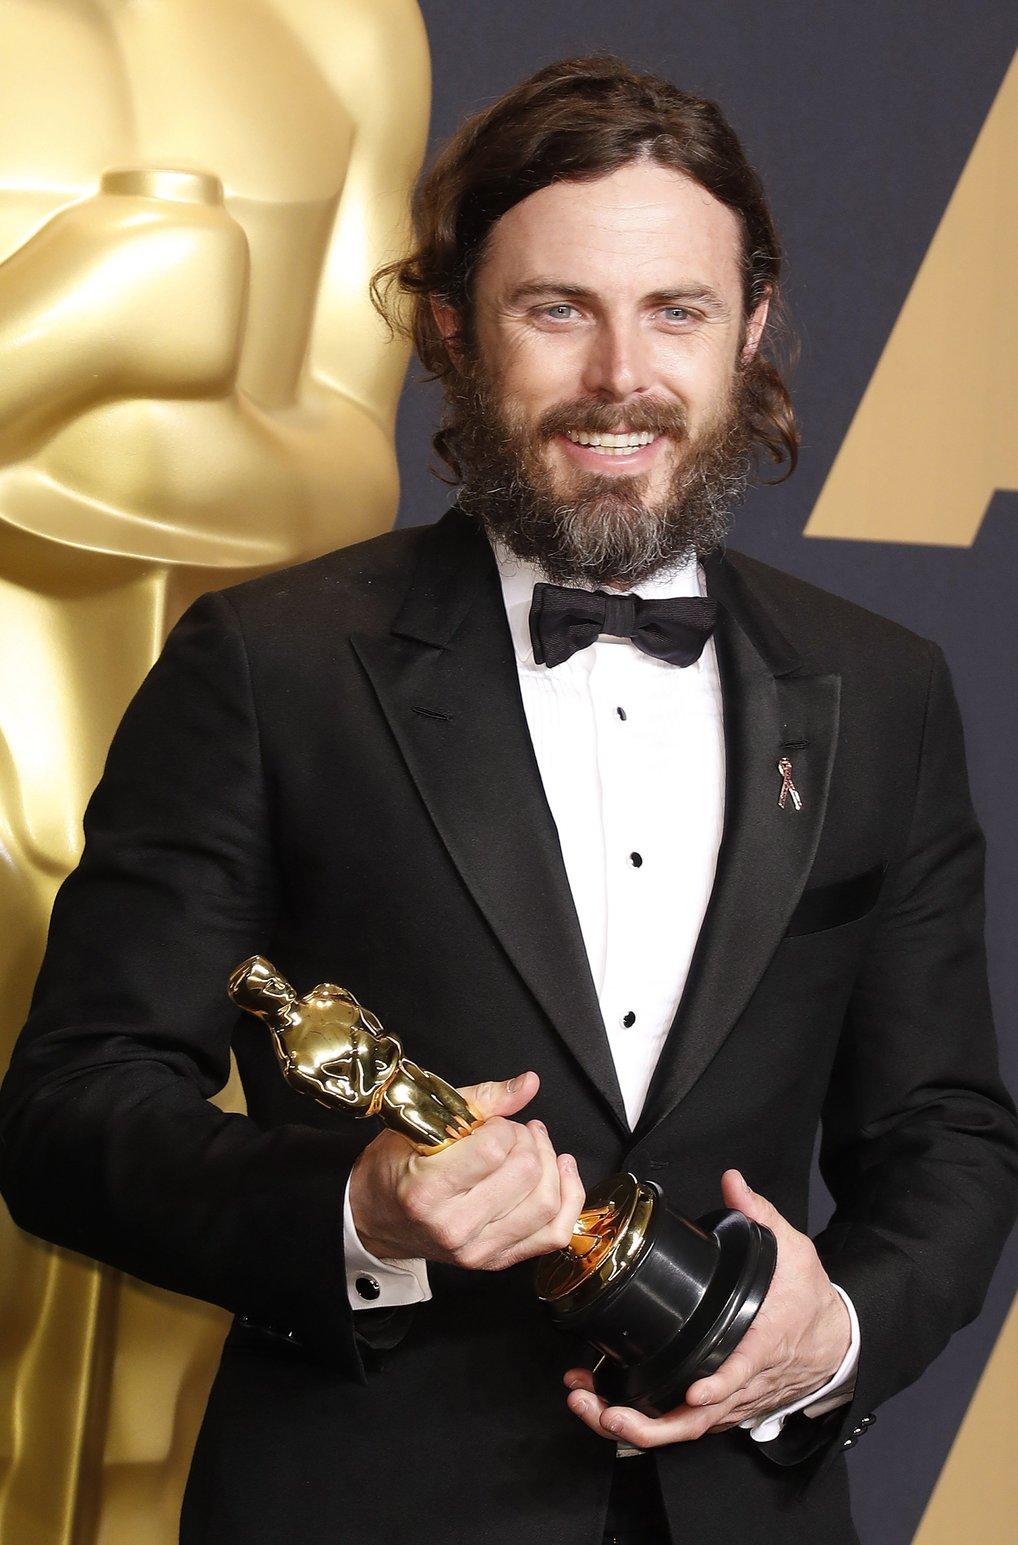 Casey Affleck amerikai színész a sajtószobában tartott fotózáson, miután átvette a legjobb férfi főszerepőnek járó elismerést A régi város (Manchester by the Sea) című filmben nyújtott alakításáért a 89. Oscar-gálán a Los Angeles-i Dolby Színházban 2017. február 26-án. (MTI/EPA/Paul Buck)